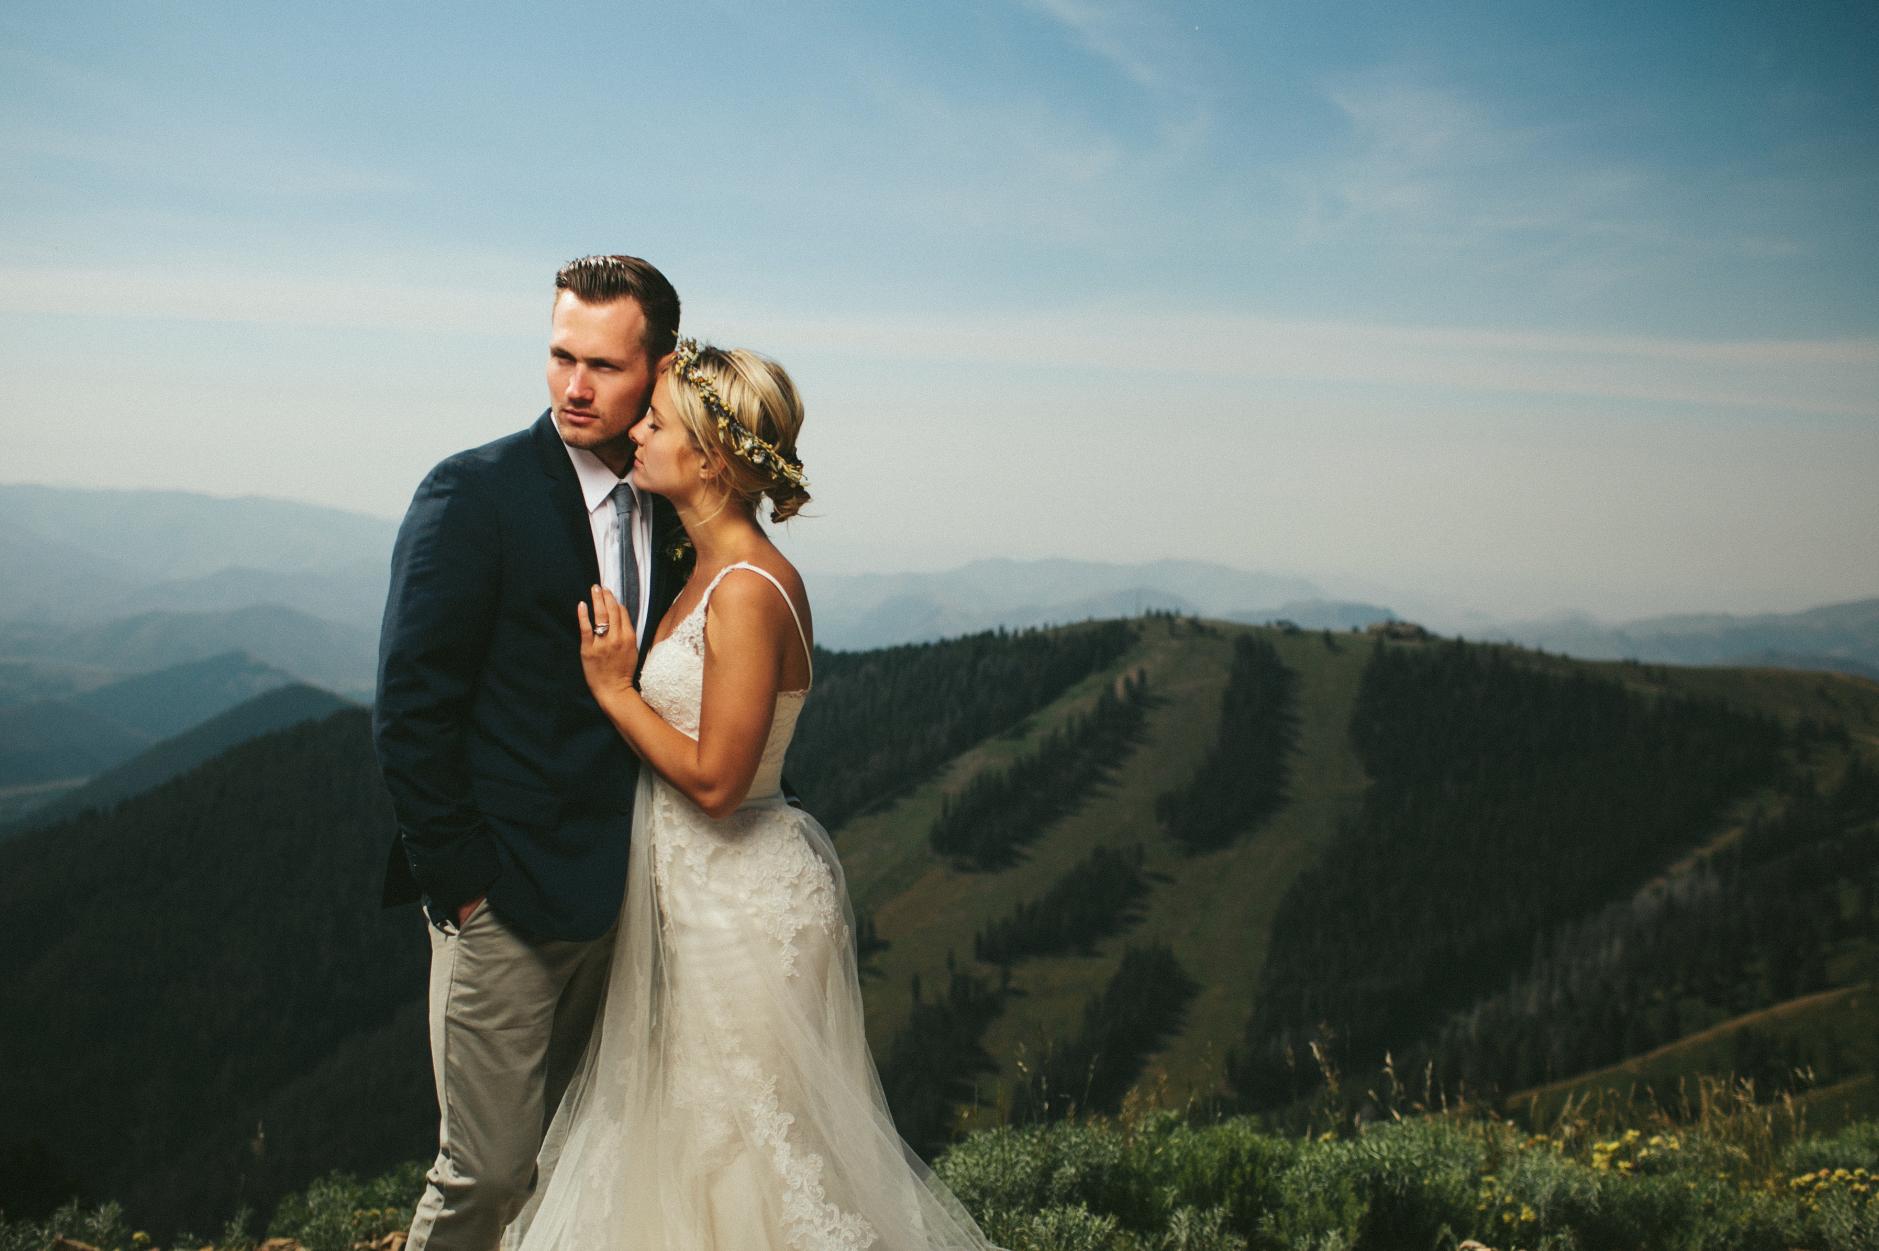 destination wedding photos at Sun Valley Idaho